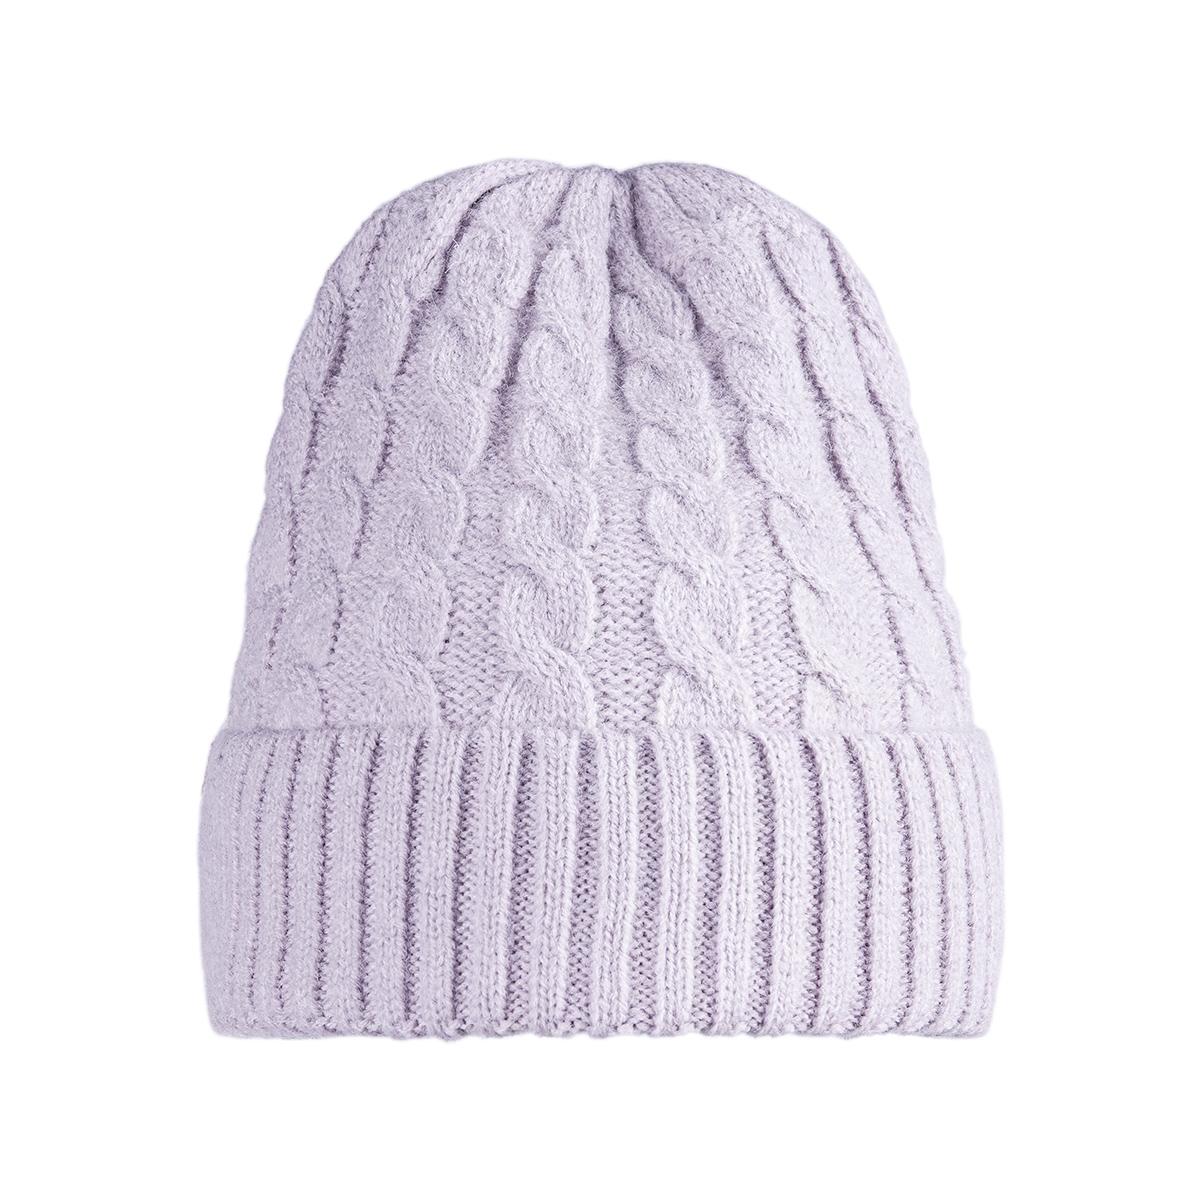 Hat winter knit